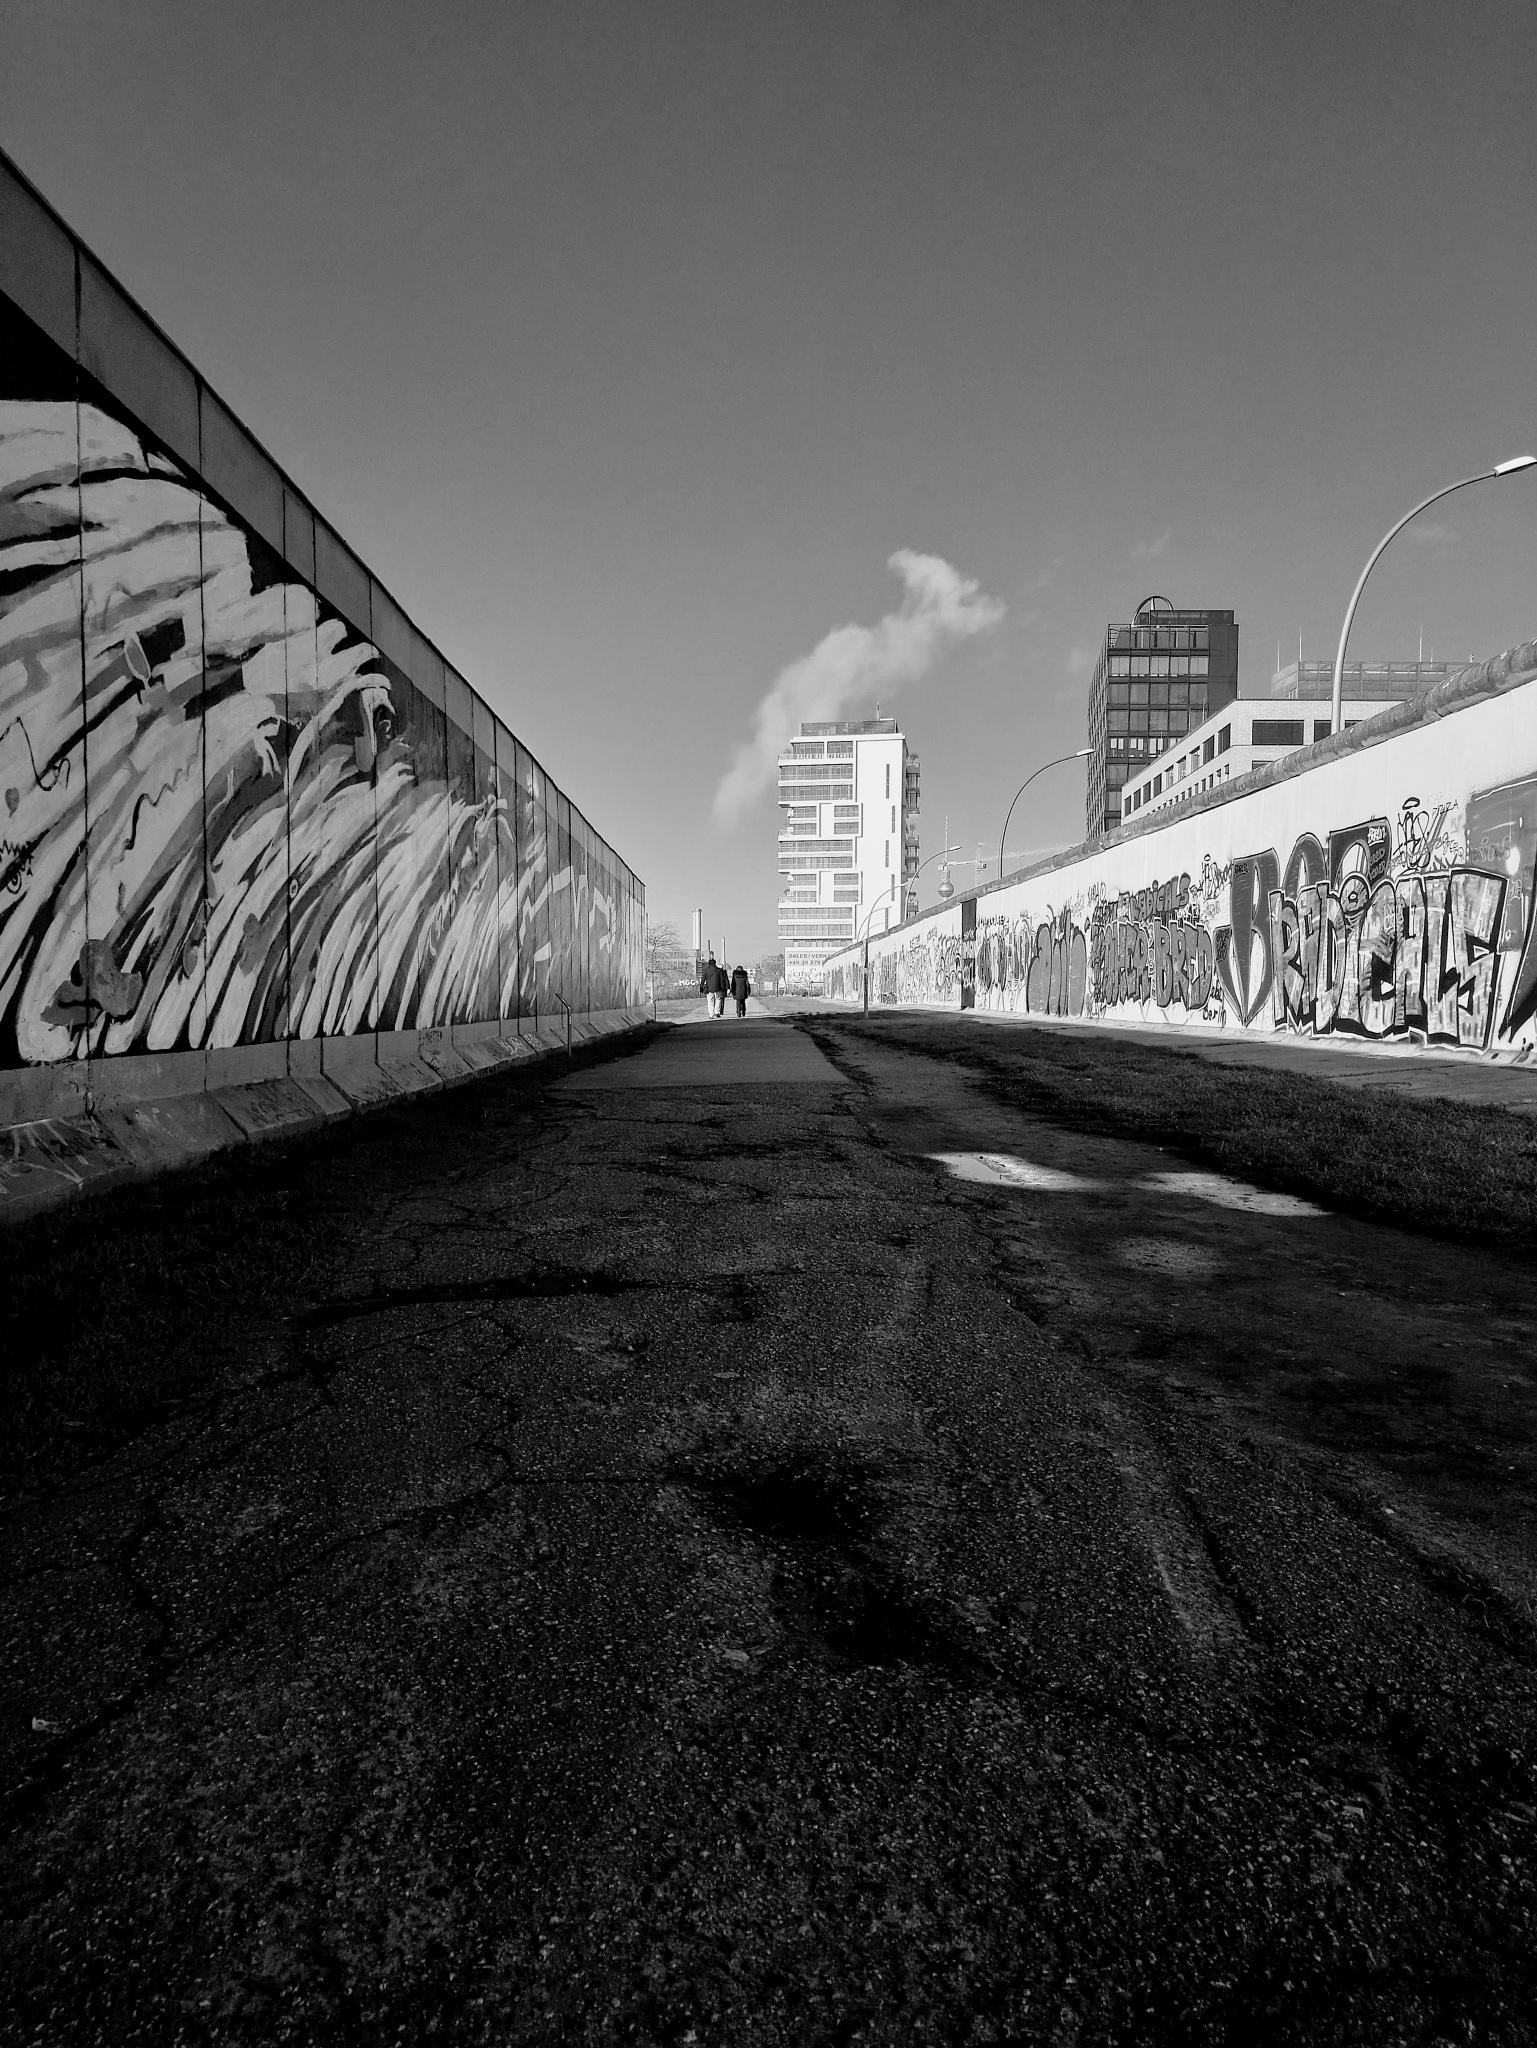 Berlin Wall by ian